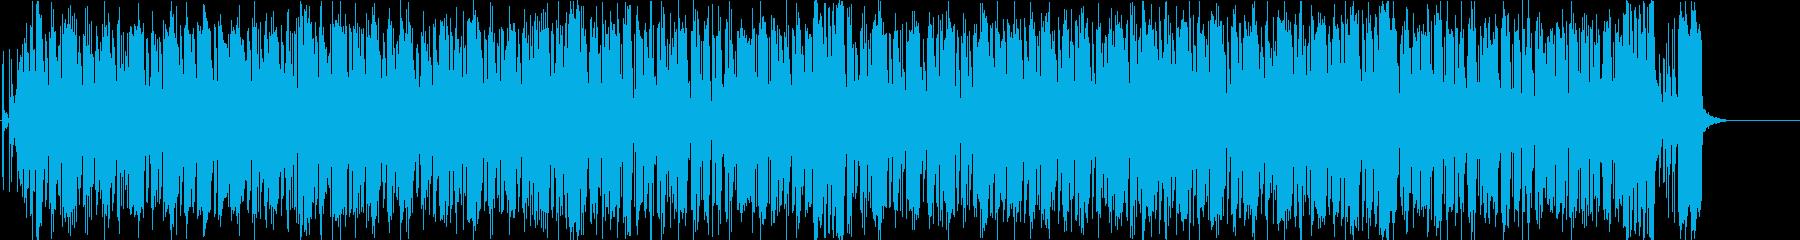 スピード 追跡 挑戦 都会 慌ただしいの再生済みの波形